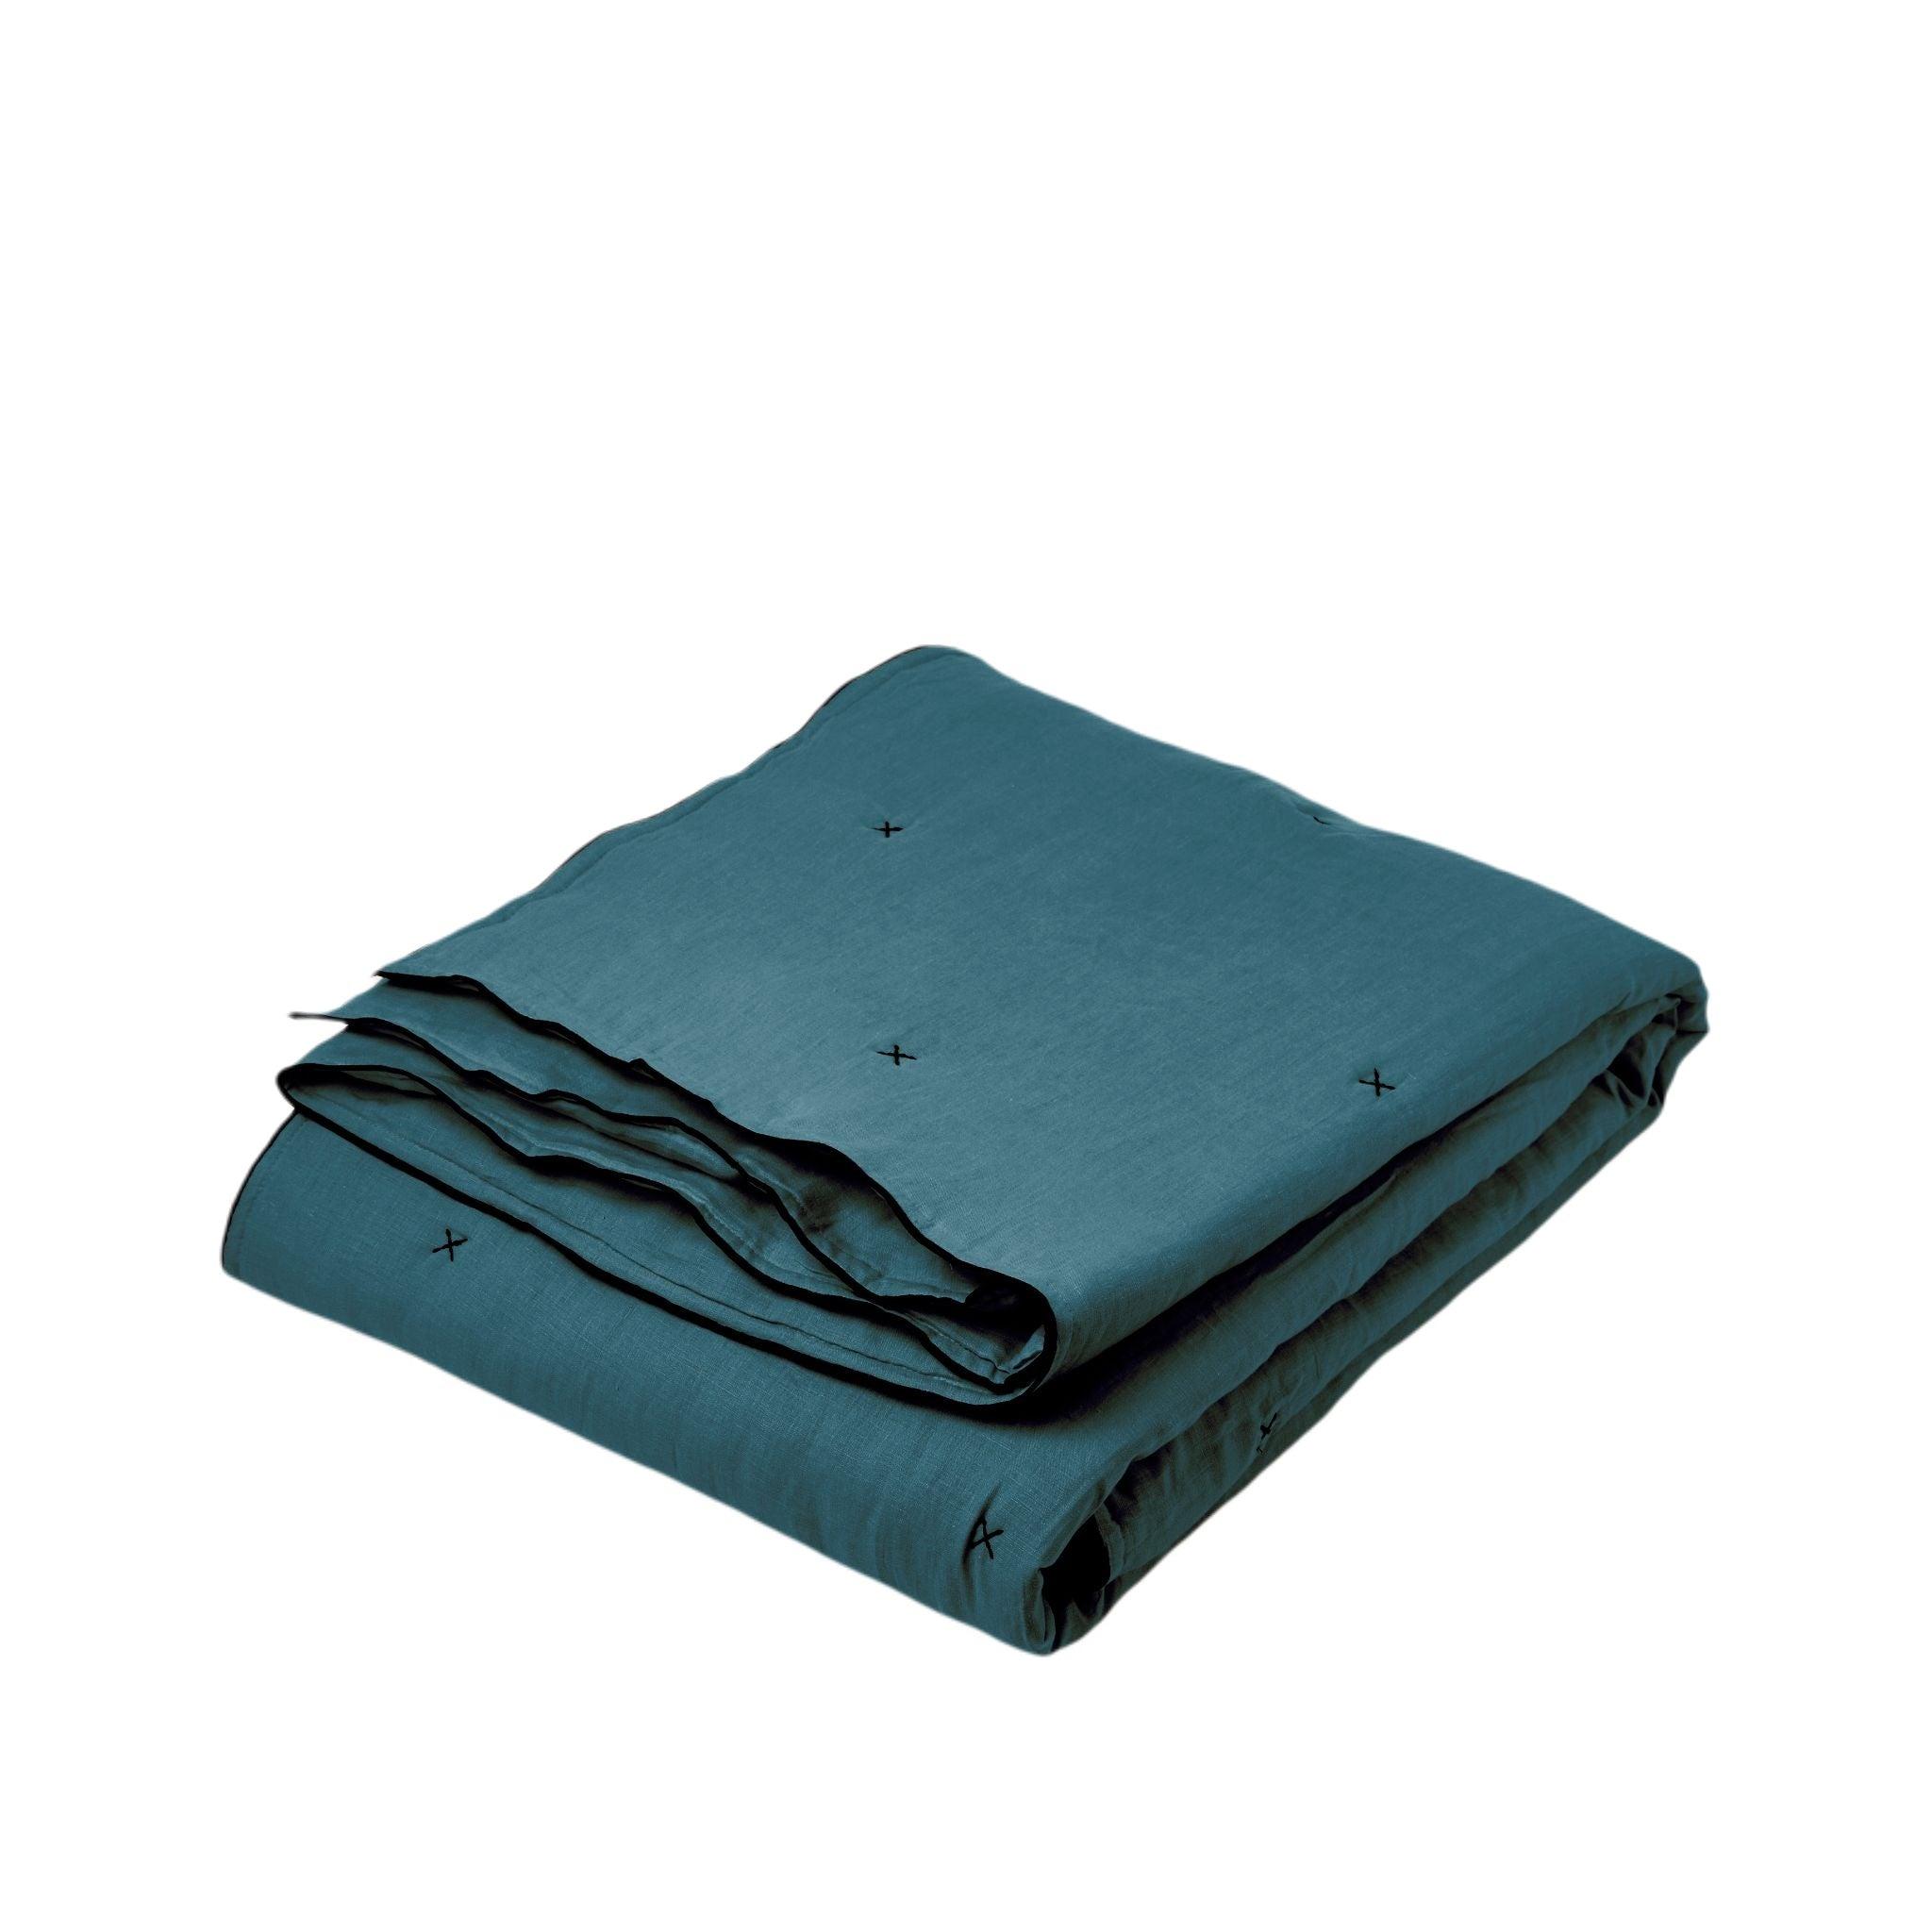 Couvre-lit matelassé 225x280 cm Bleu vert et bourdon noir